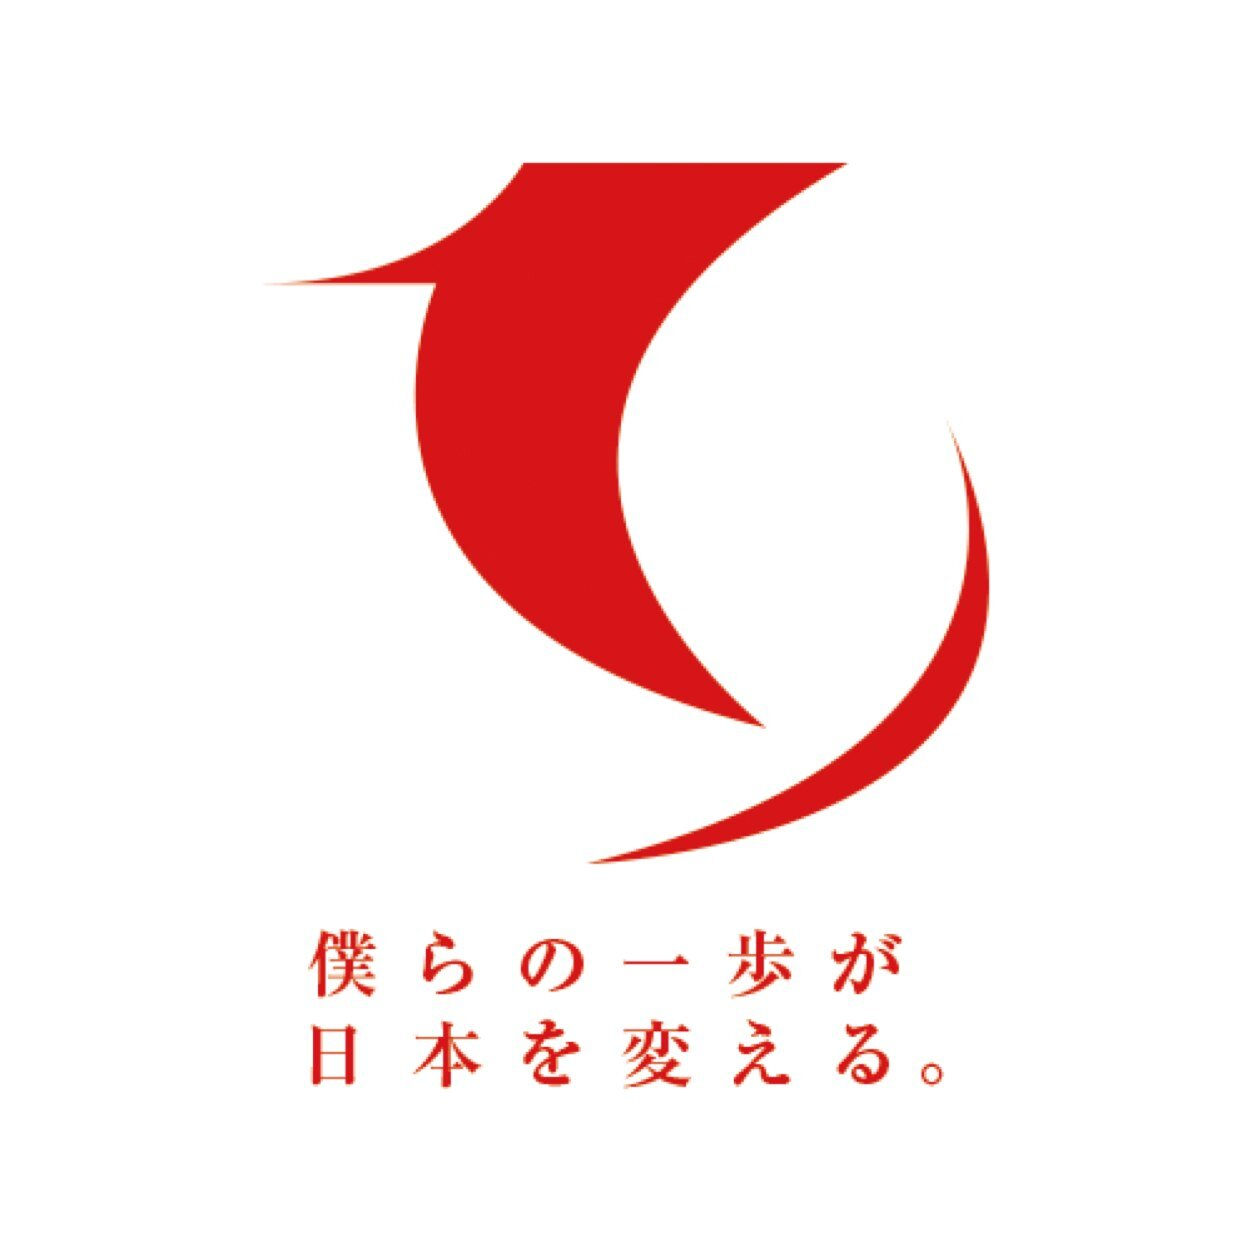 NPO法人 僕らの一歩が日本を変える。